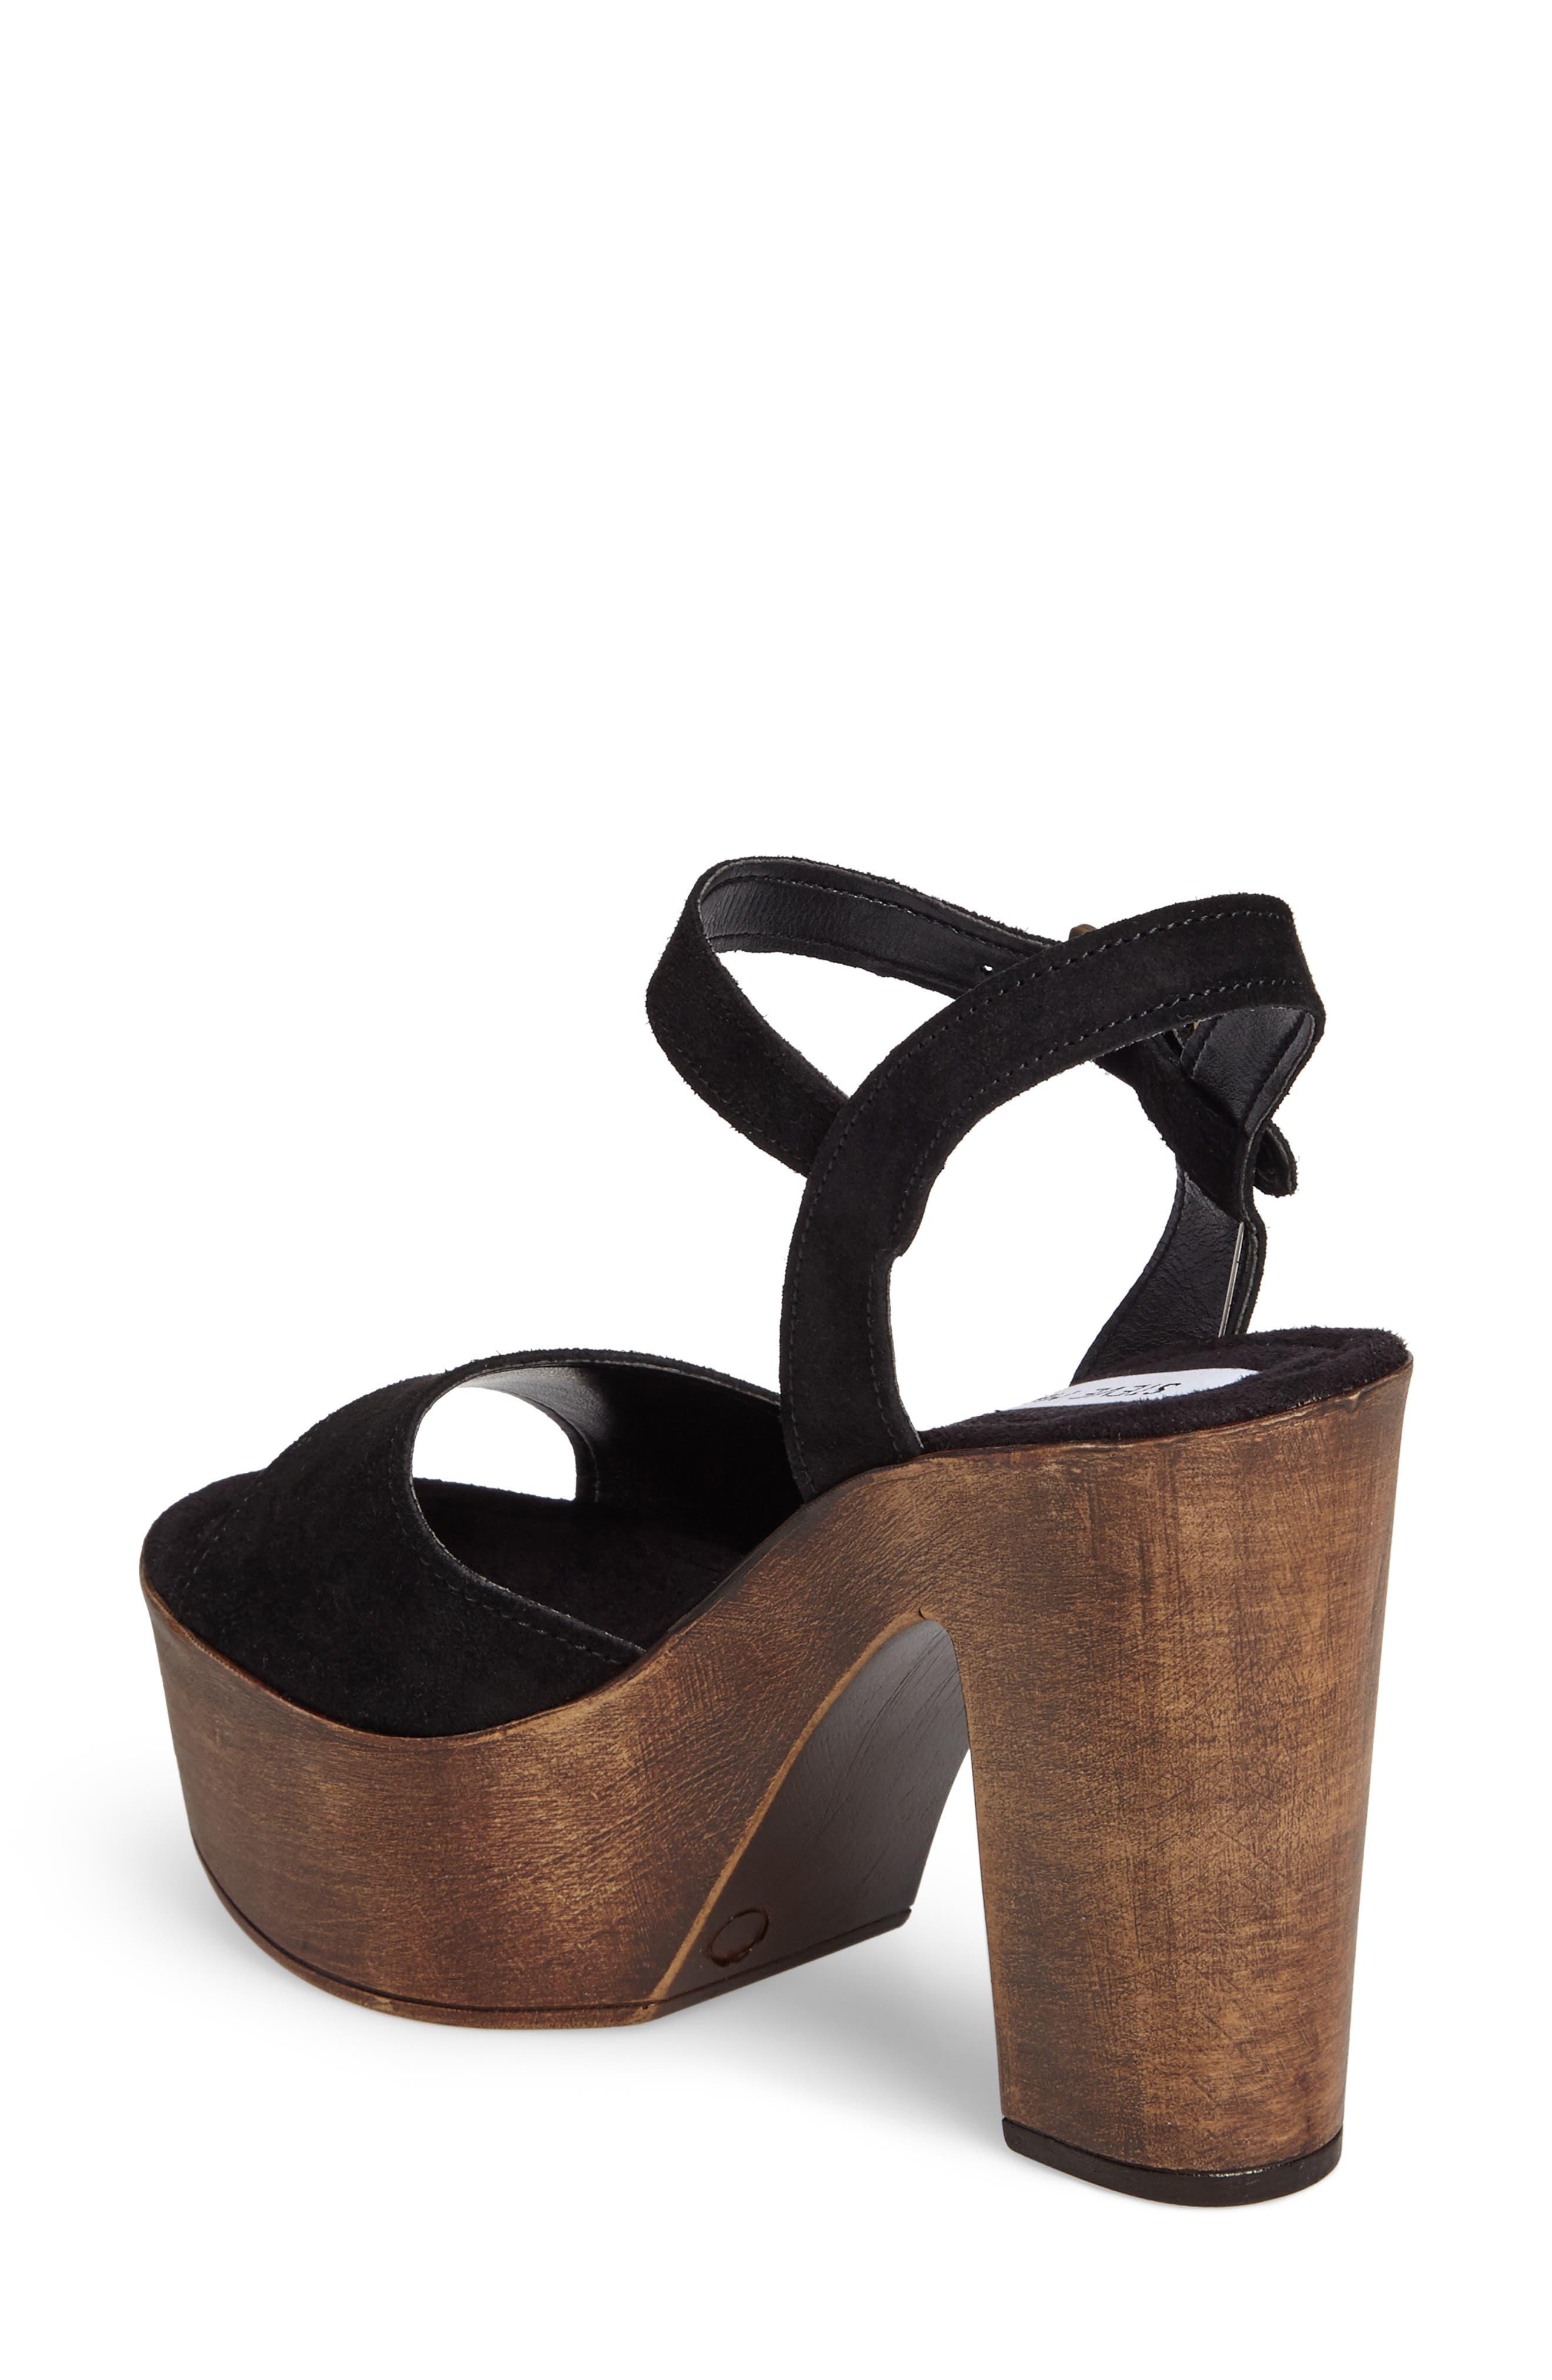 Lulla Platform Sandal,                             Alternate thumbnail 2, color,                             Black Suede